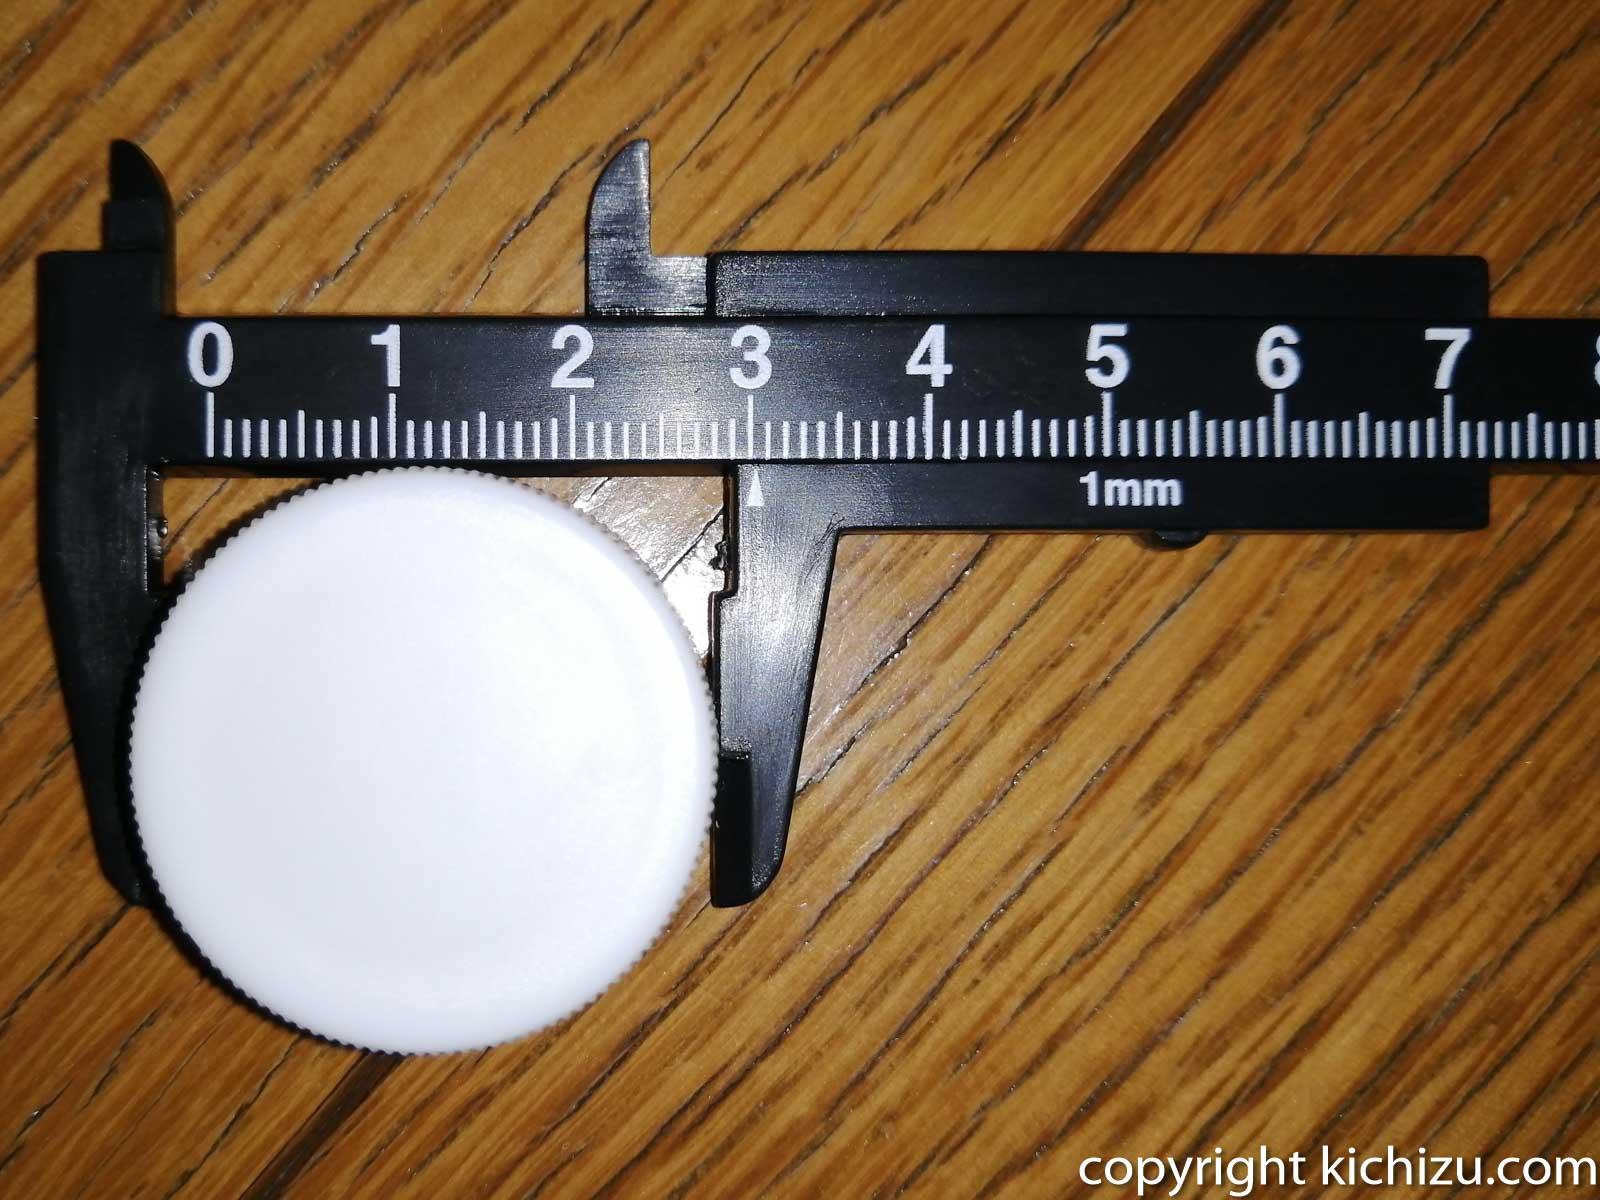 ノギスで外径を測る